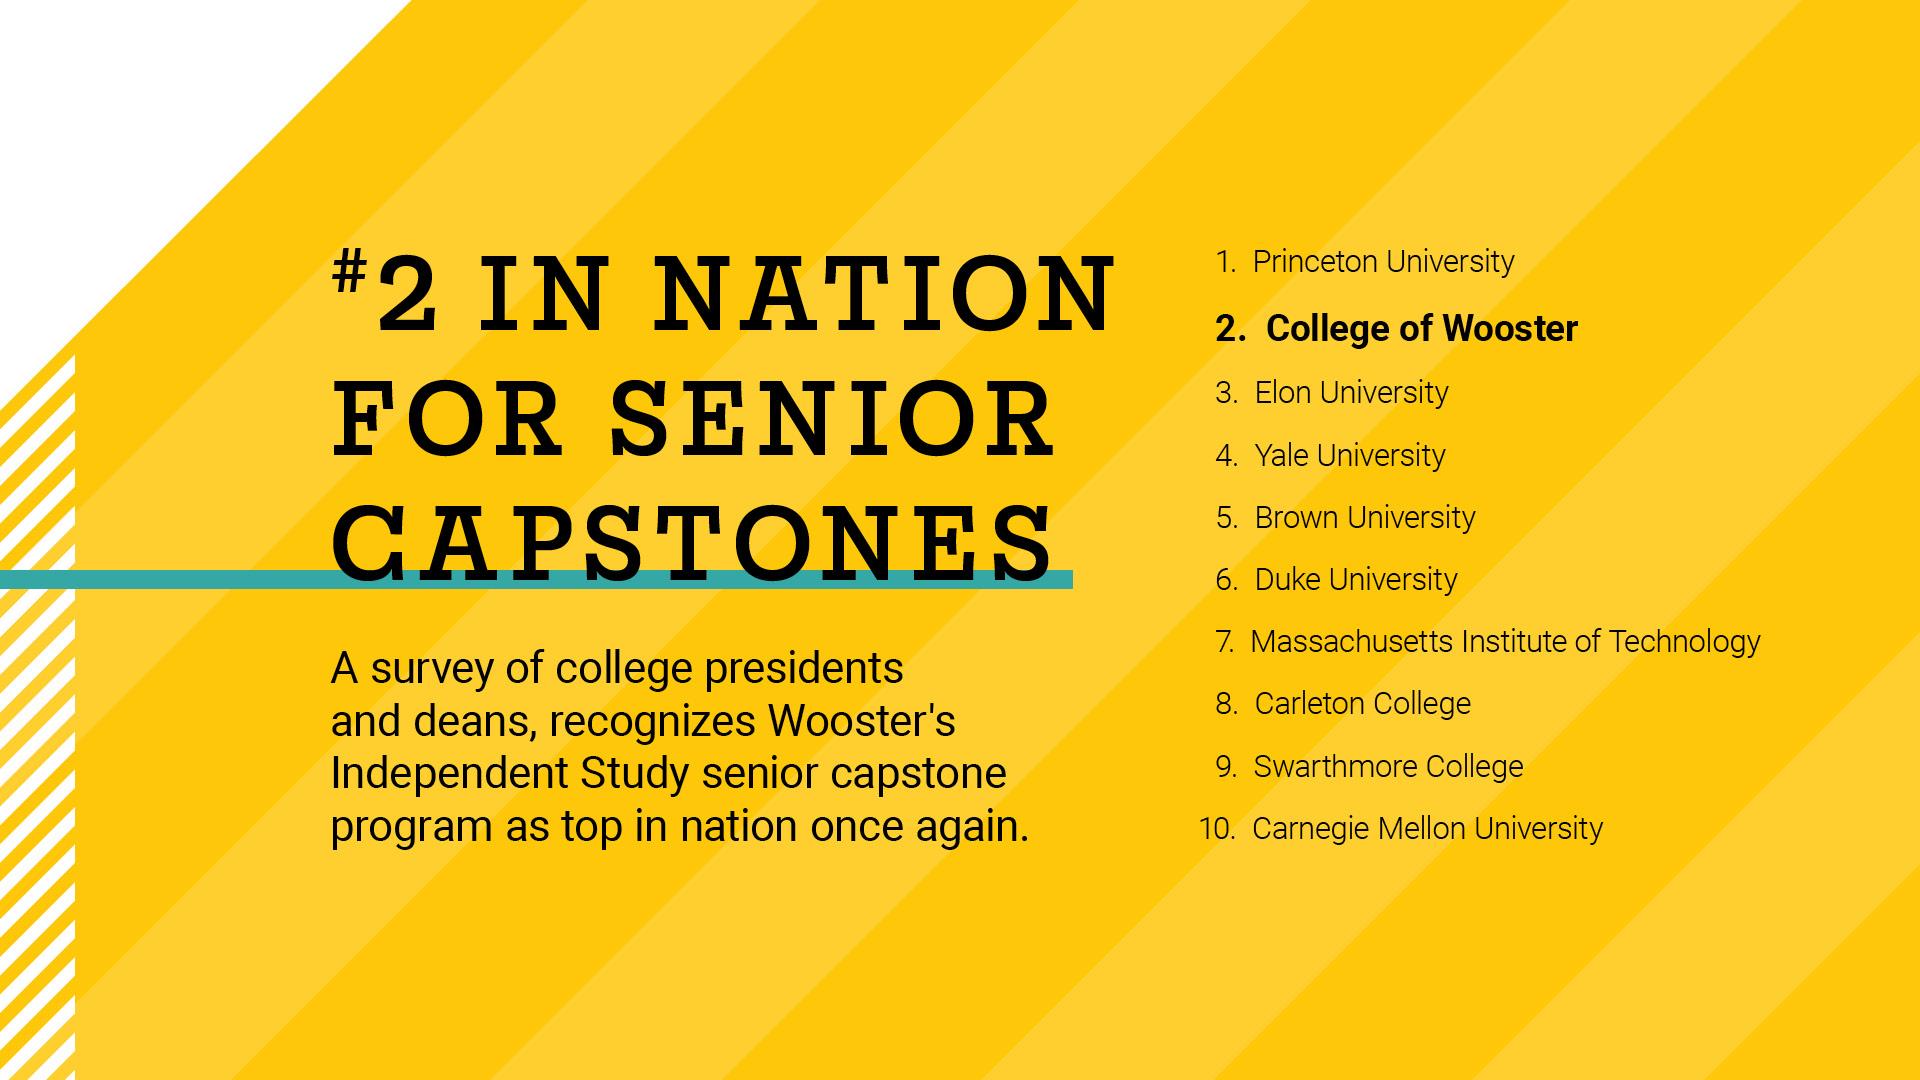 2-Senior Capstone